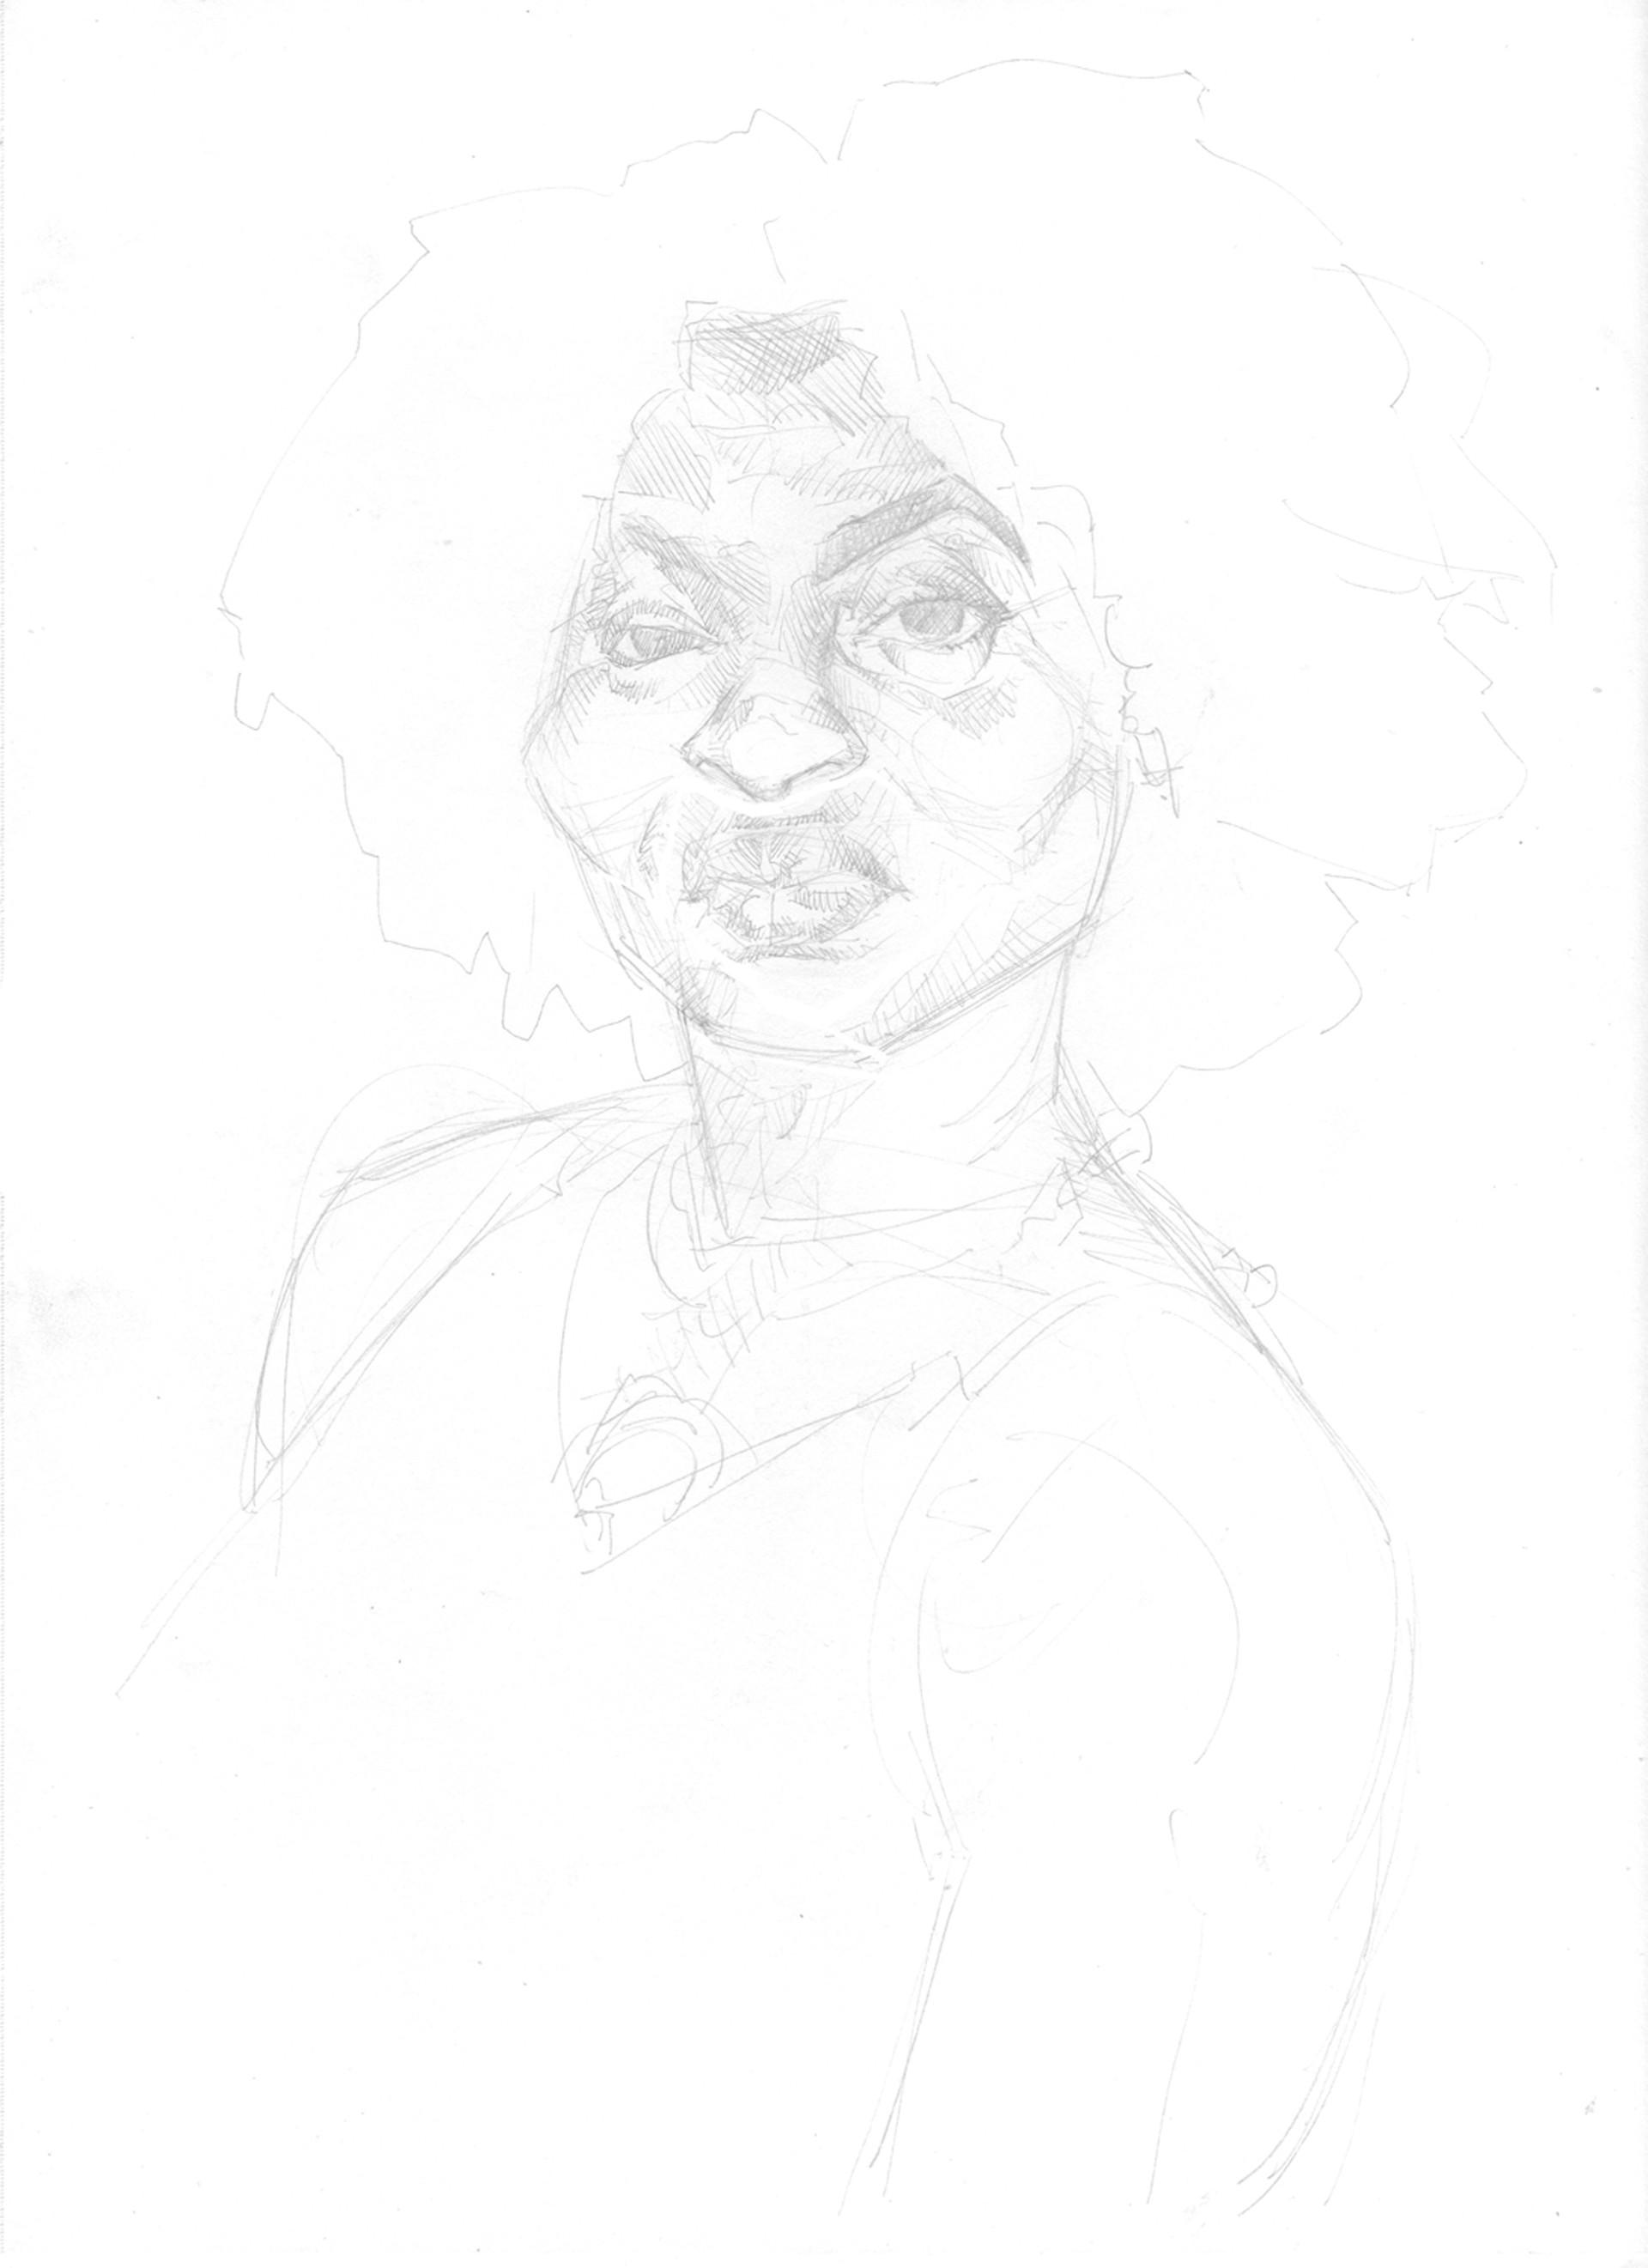 Tony gbeulie nadege sketch